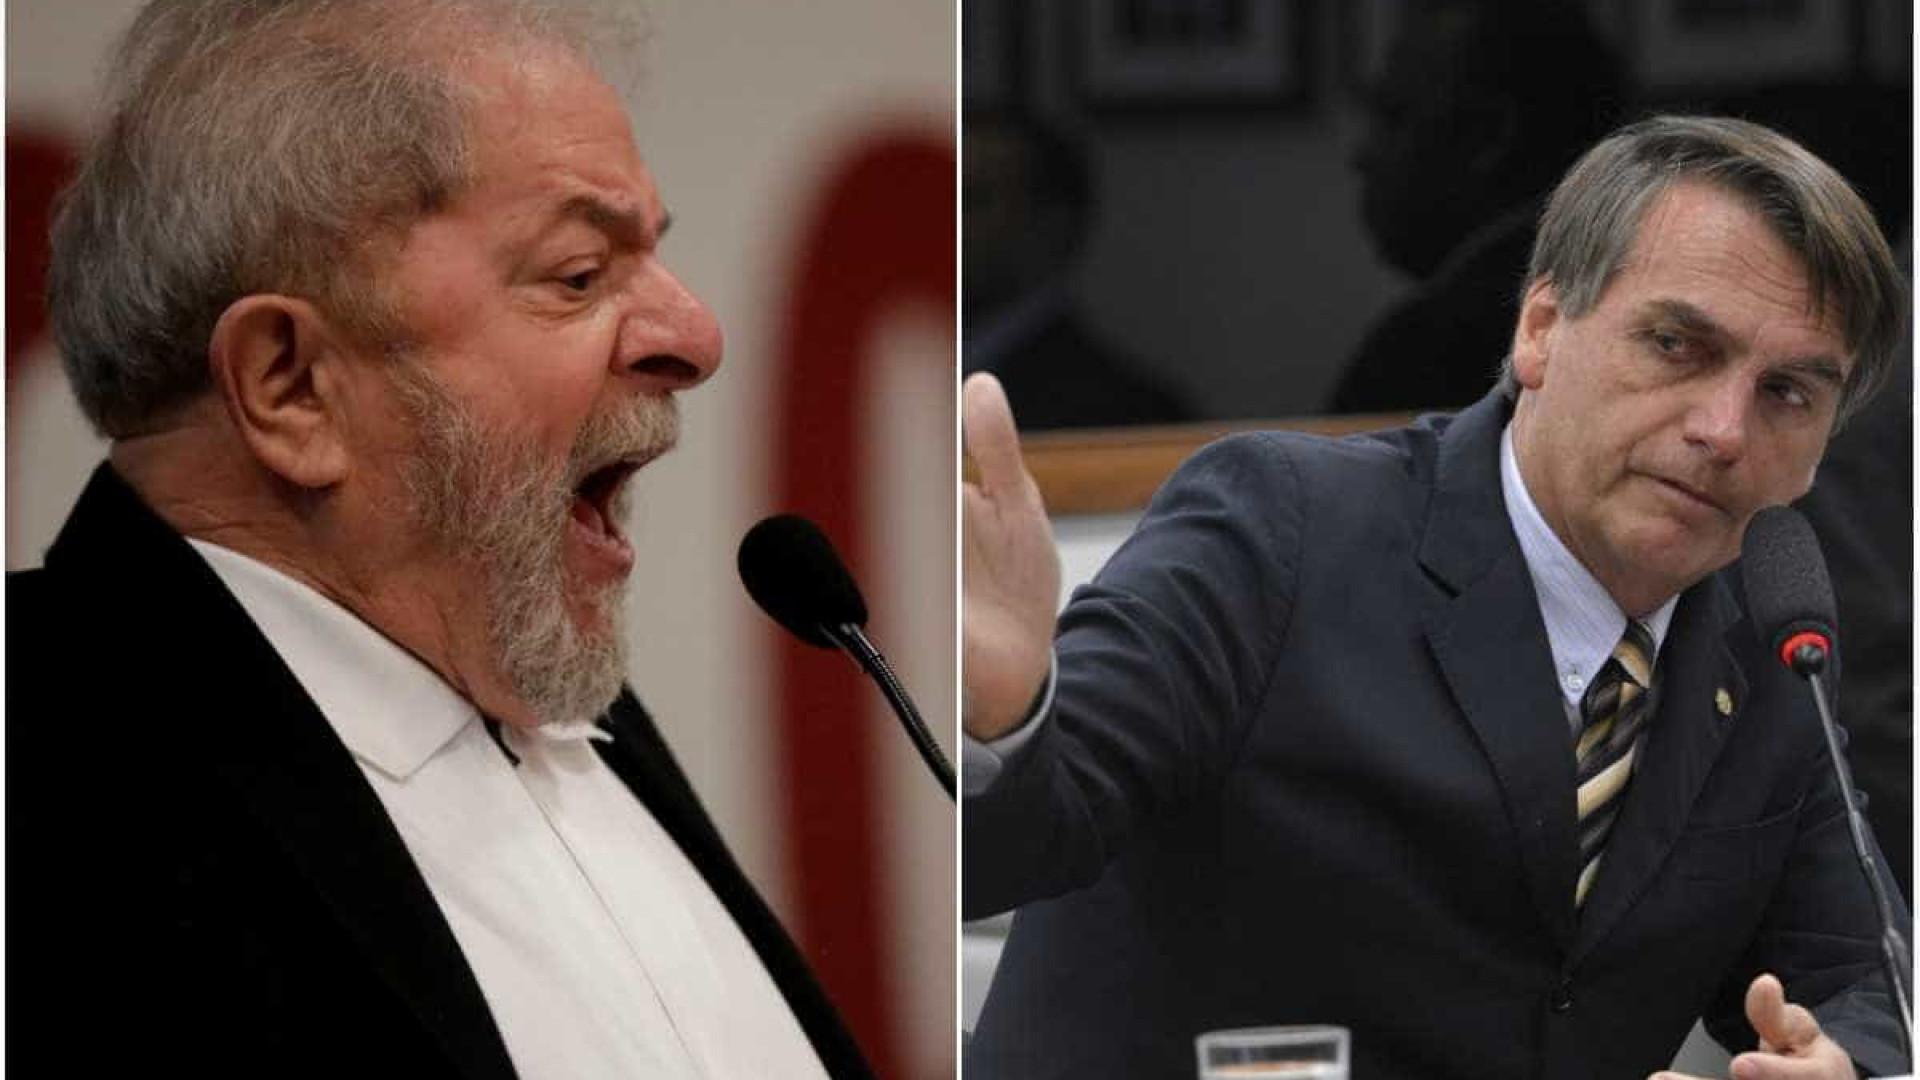 Bolsonaro perde terreno e vê impulso de Lula em popularidade digital